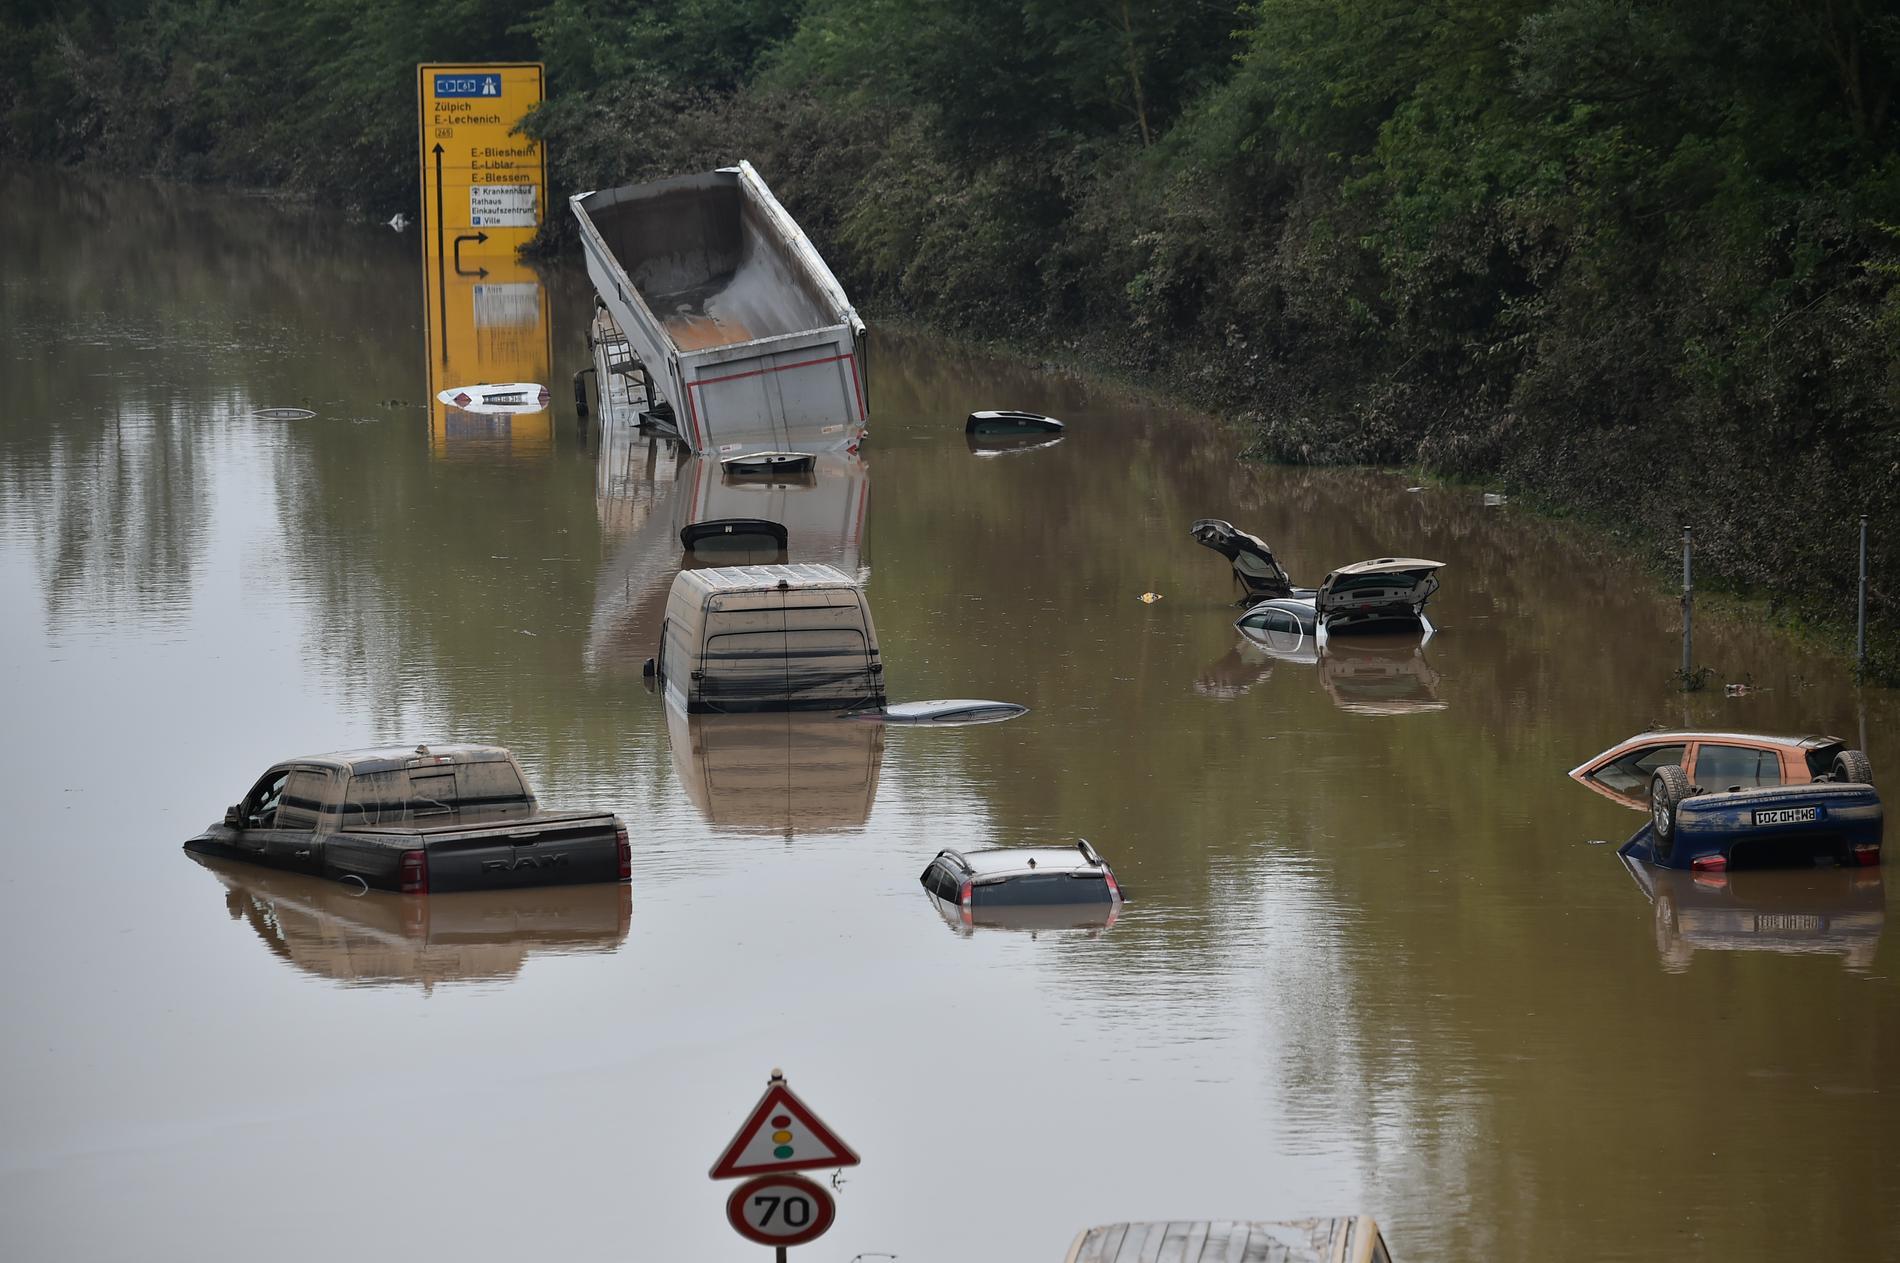 Vid den förra översvämningen som drabbade Belgien var motorvägen som går i höjd Erftstadt–Blessem helt begraven i vatten. Nu har nya översvämningar drabbat landet.